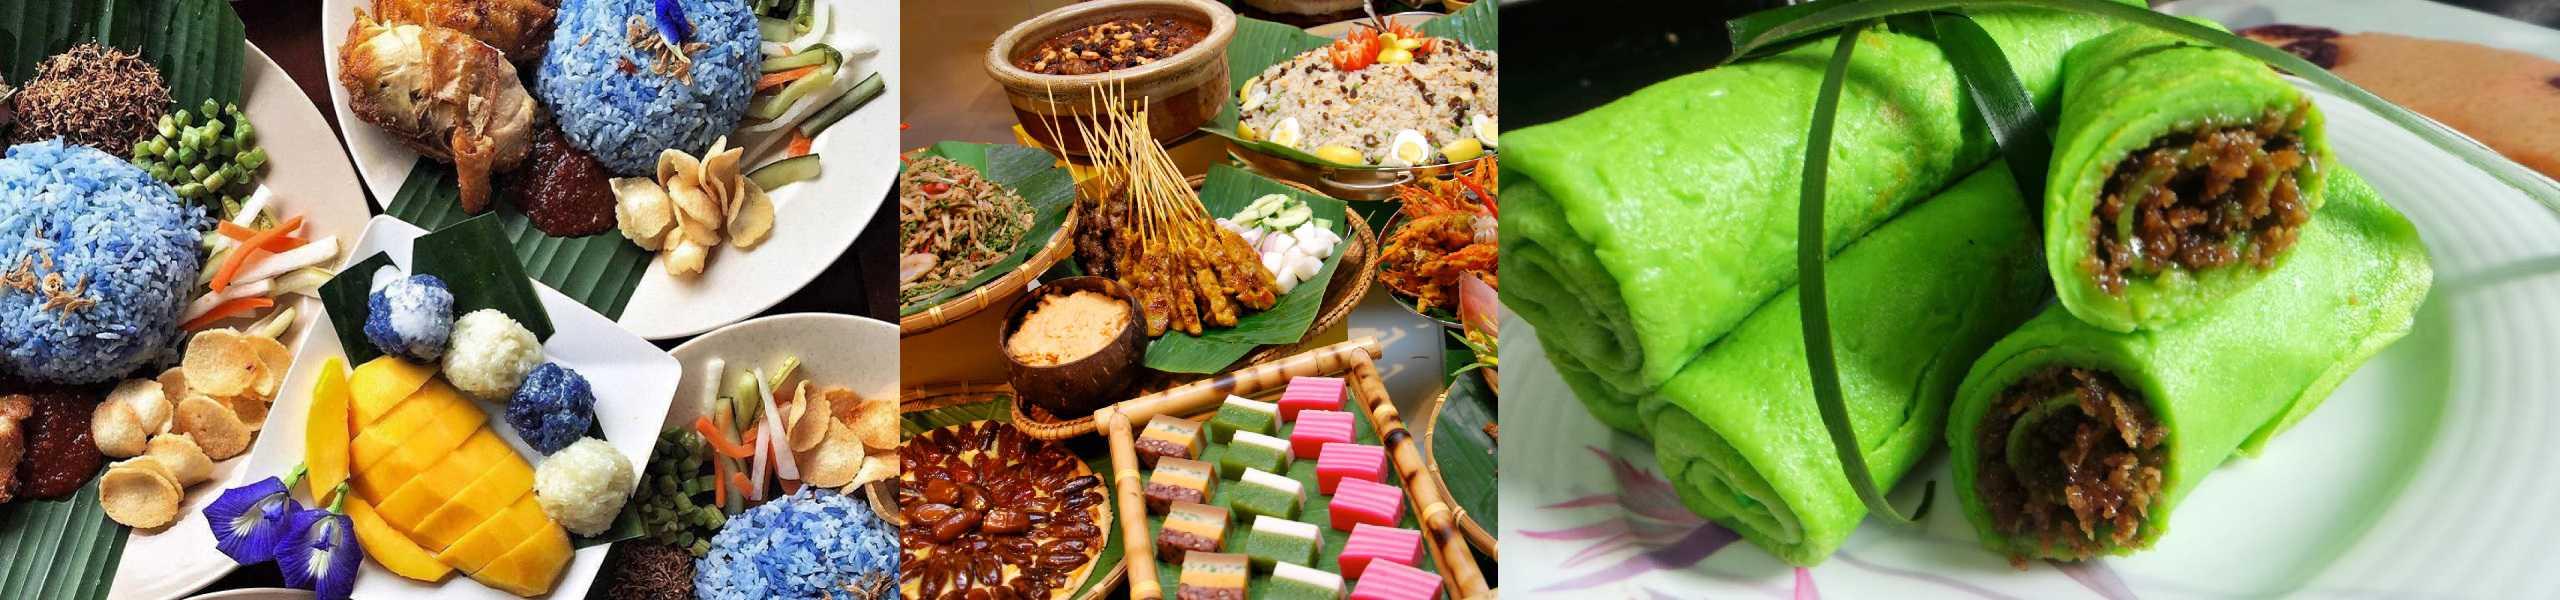 Ăn uống ở Malaysia. Những món ăn đặc sản, địa chỉ nhà hàng, quán ăn ngon ở Malaysia